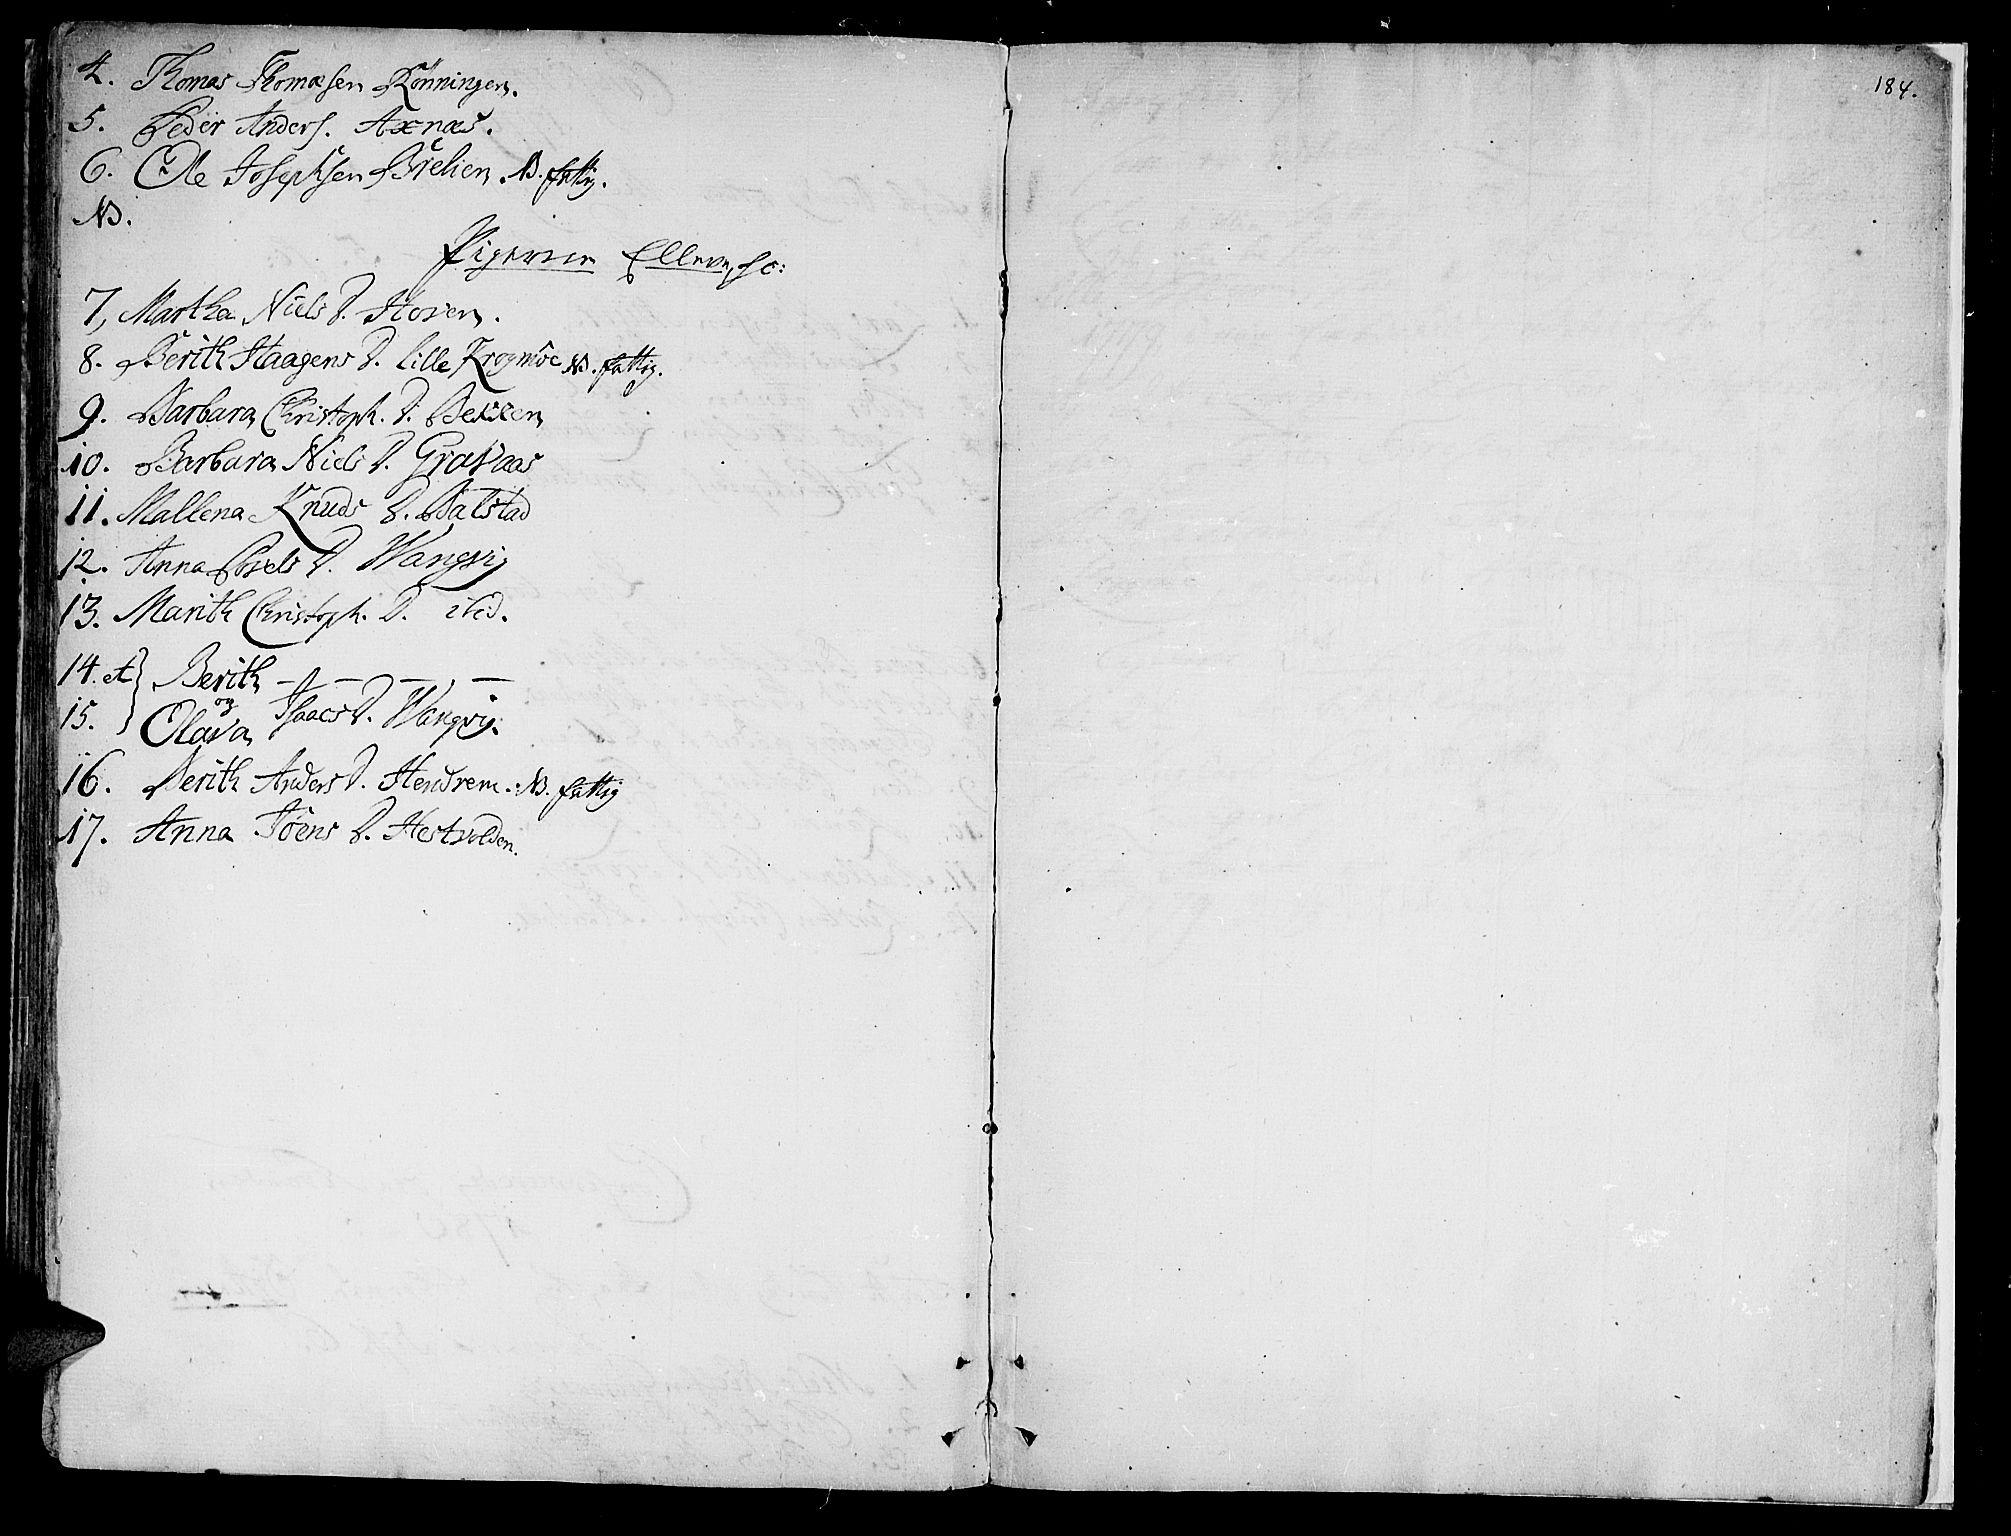 SAT, Ministerialprotokoller, klokkerbøker og fødselsregistre - Nord-Trøndelag, 701/L0003: Ministerialbok nr. 701A03, 1751-1783, s. 184